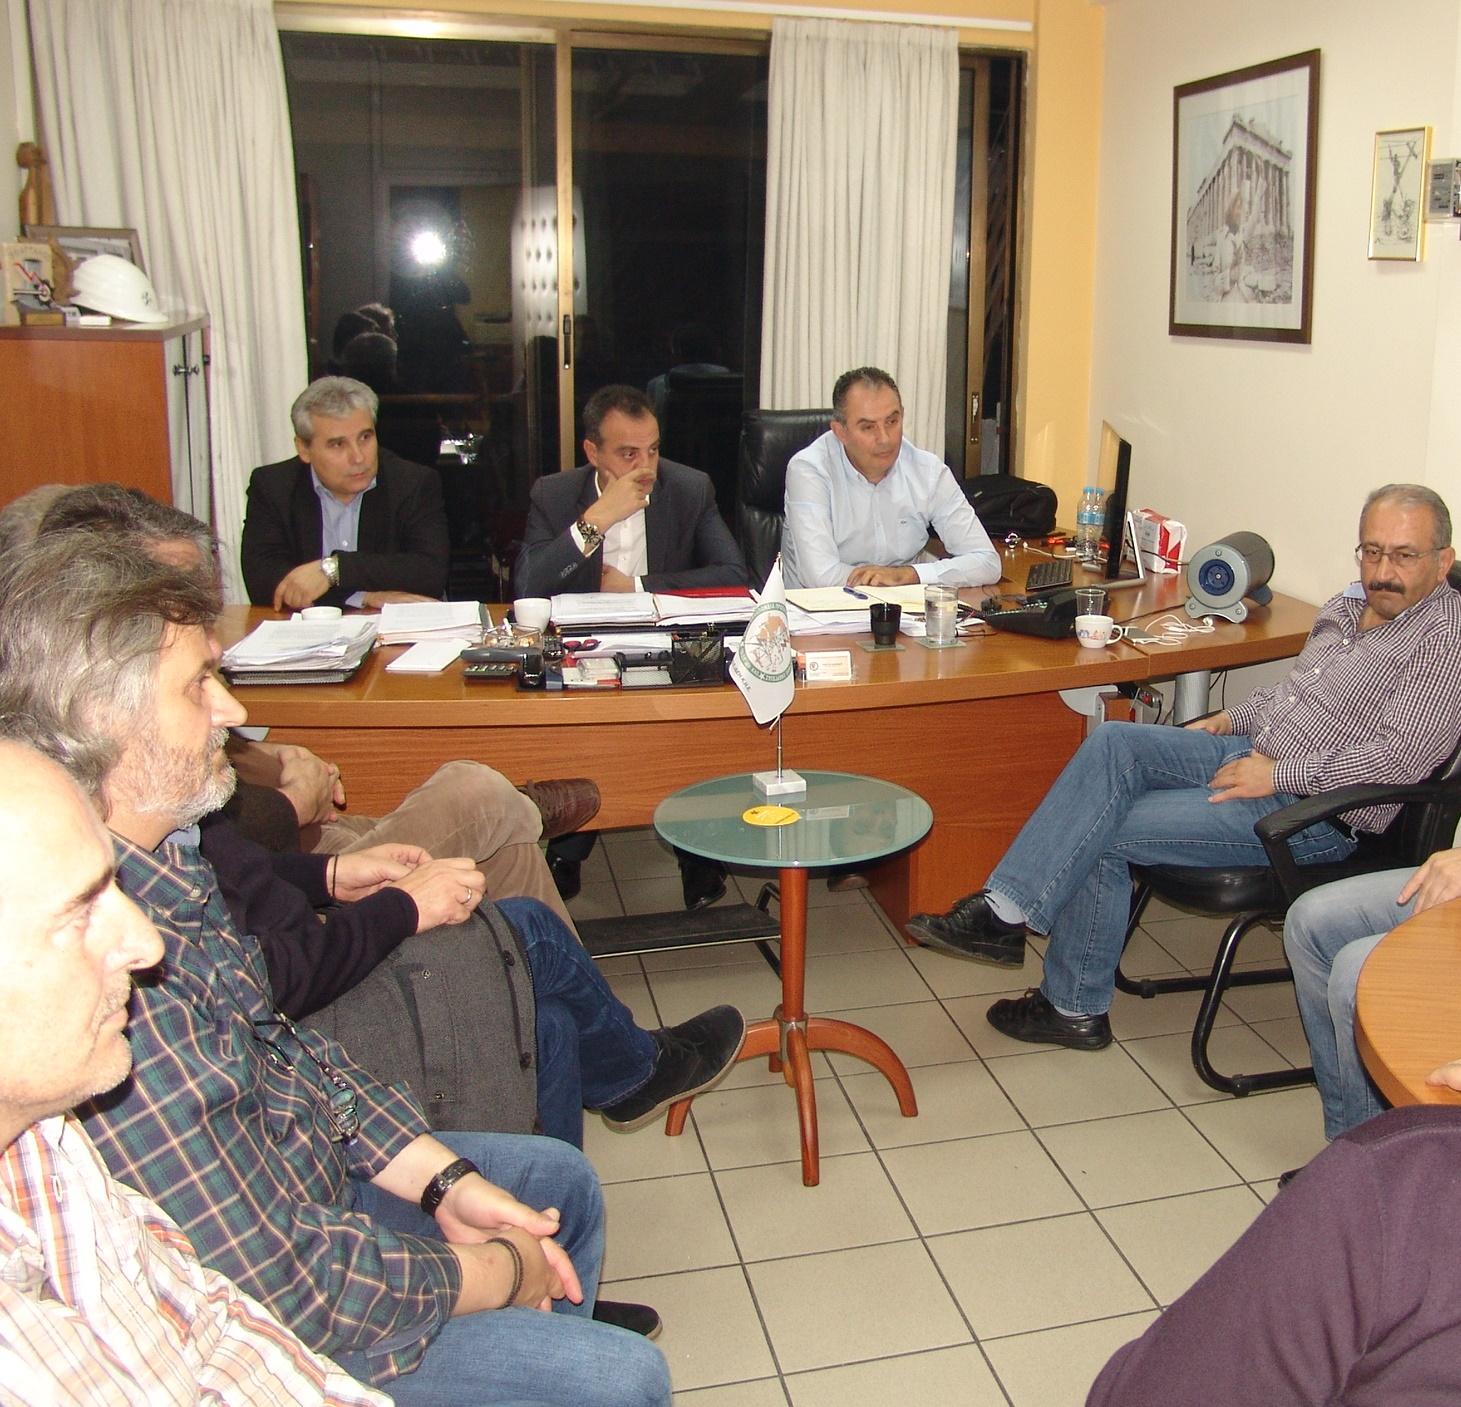 Αποφασίζουν τον ακρωτηριασμό της ΔΕΗ – Αύριο ευρεία σύσκεψη στη Μεγαλόπολη – Οι εργαζόμενοι δεν θα μείνουν με «σταυρωμένα χέρια»  – Οι τοπικές κοινωνίες θα αντιδράσουν